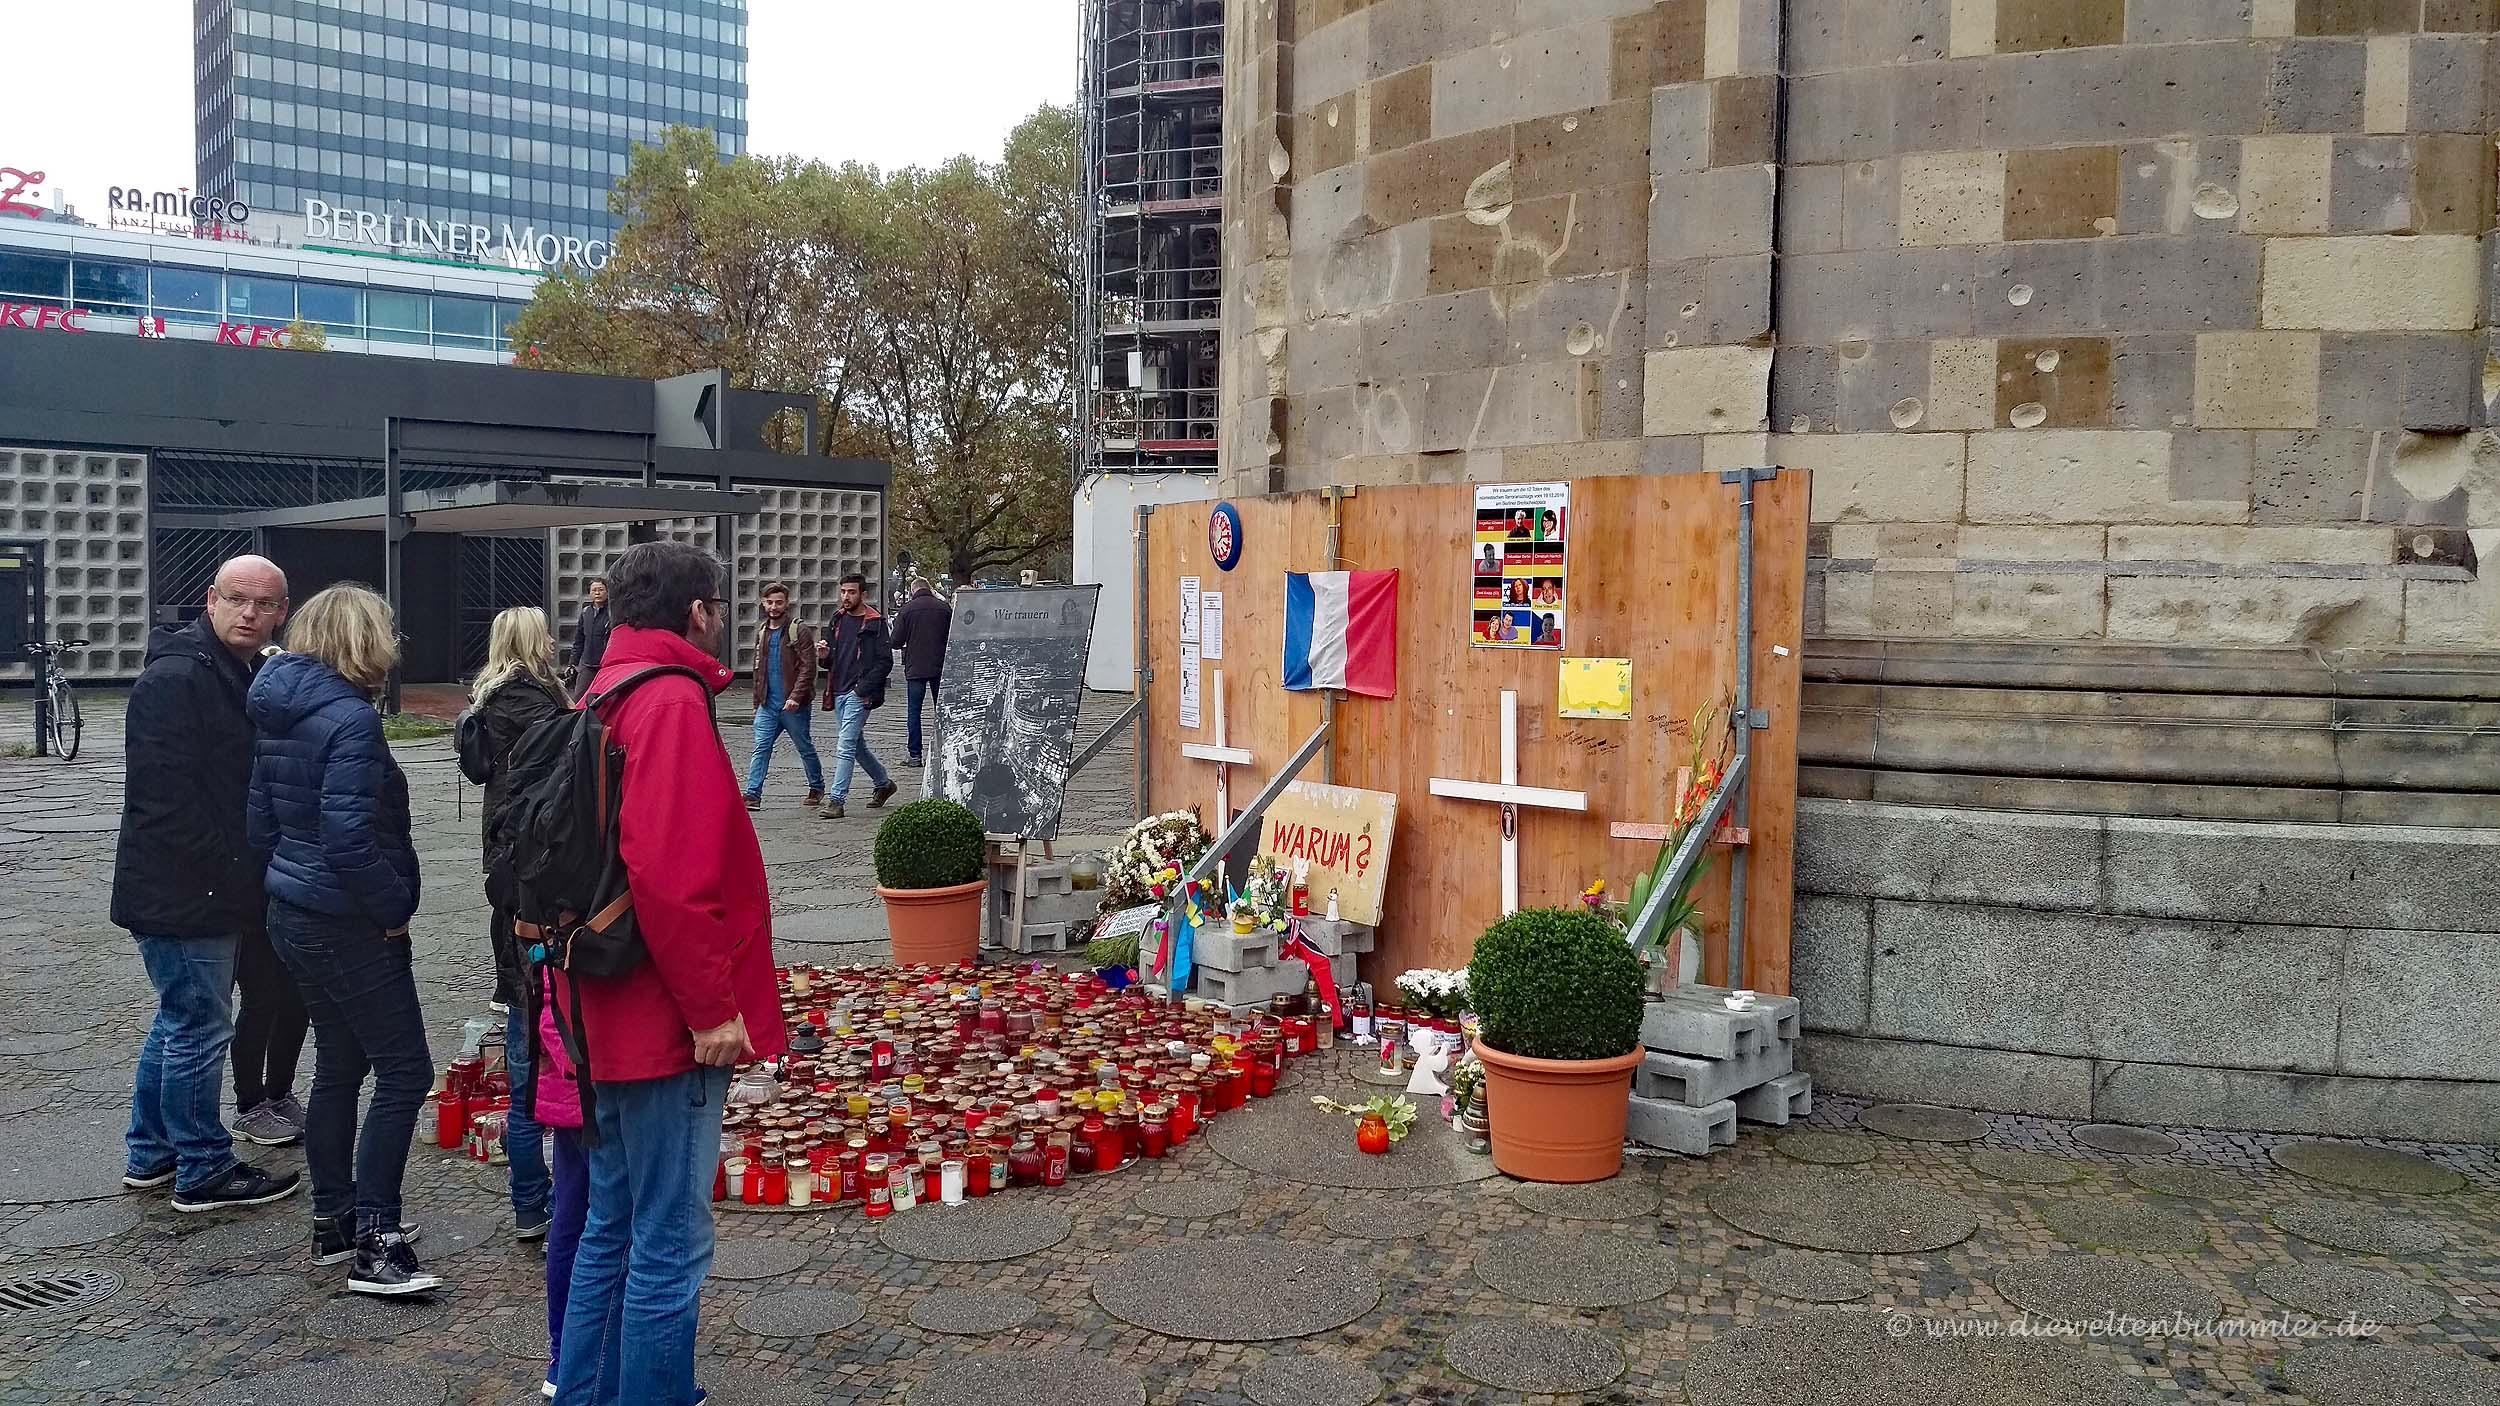 Erinnerung am Breitscheidplatz